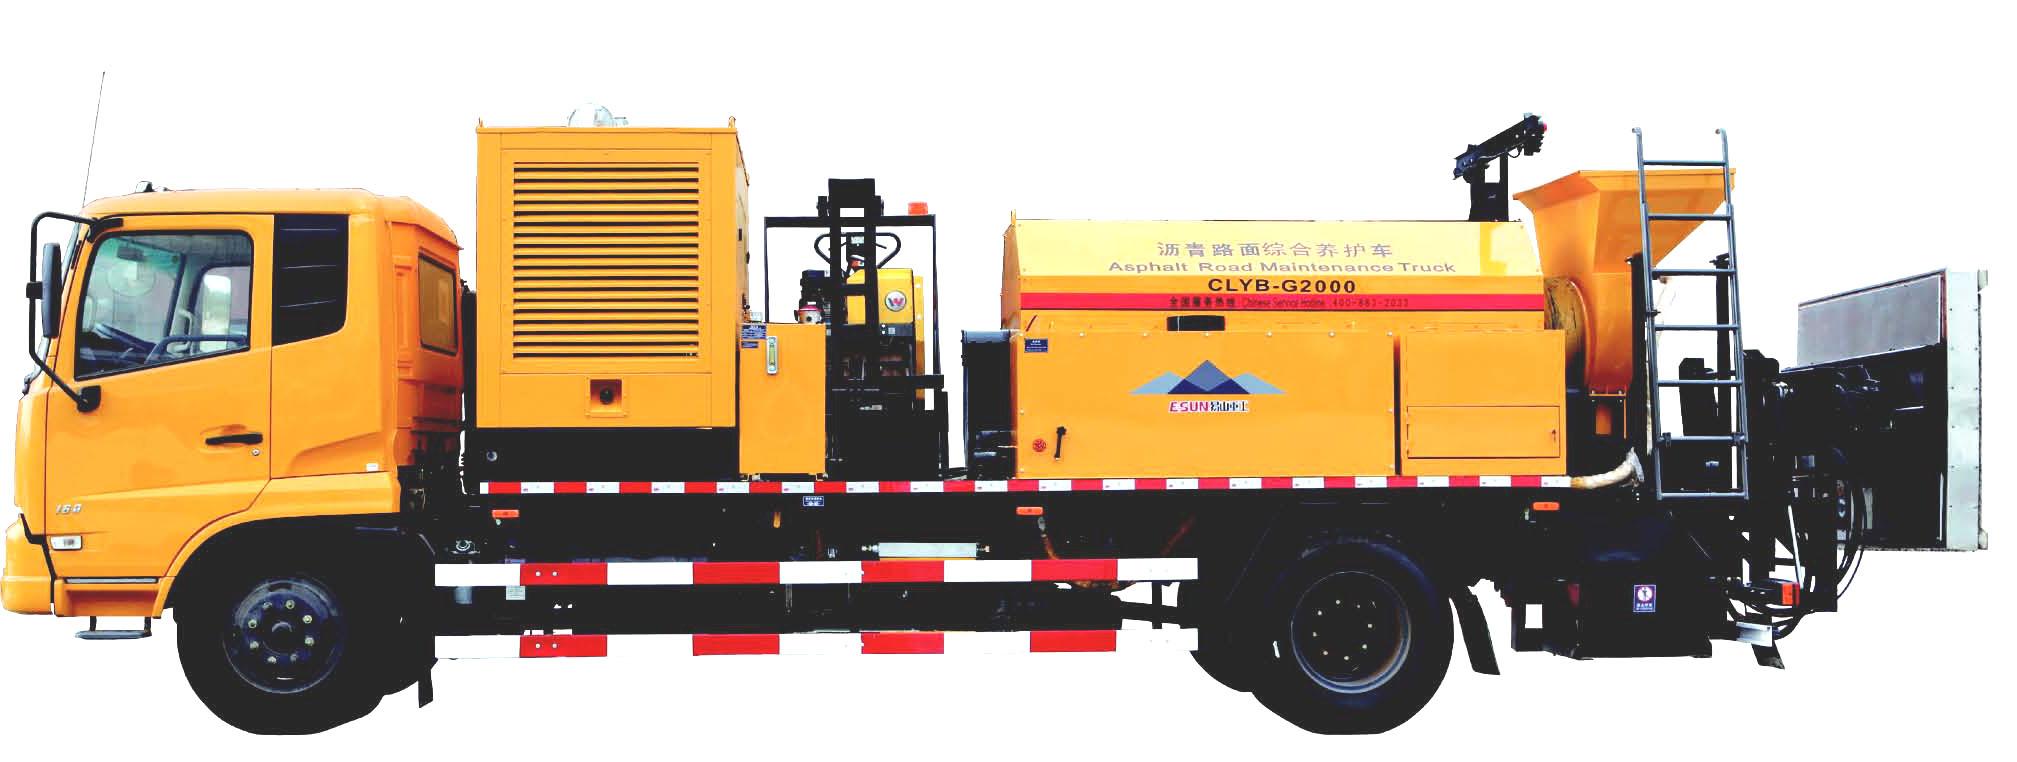 易山重工ESN5160TXB滚筒式热再生综合养护车-一车多用-智能作业高清图 - 外观